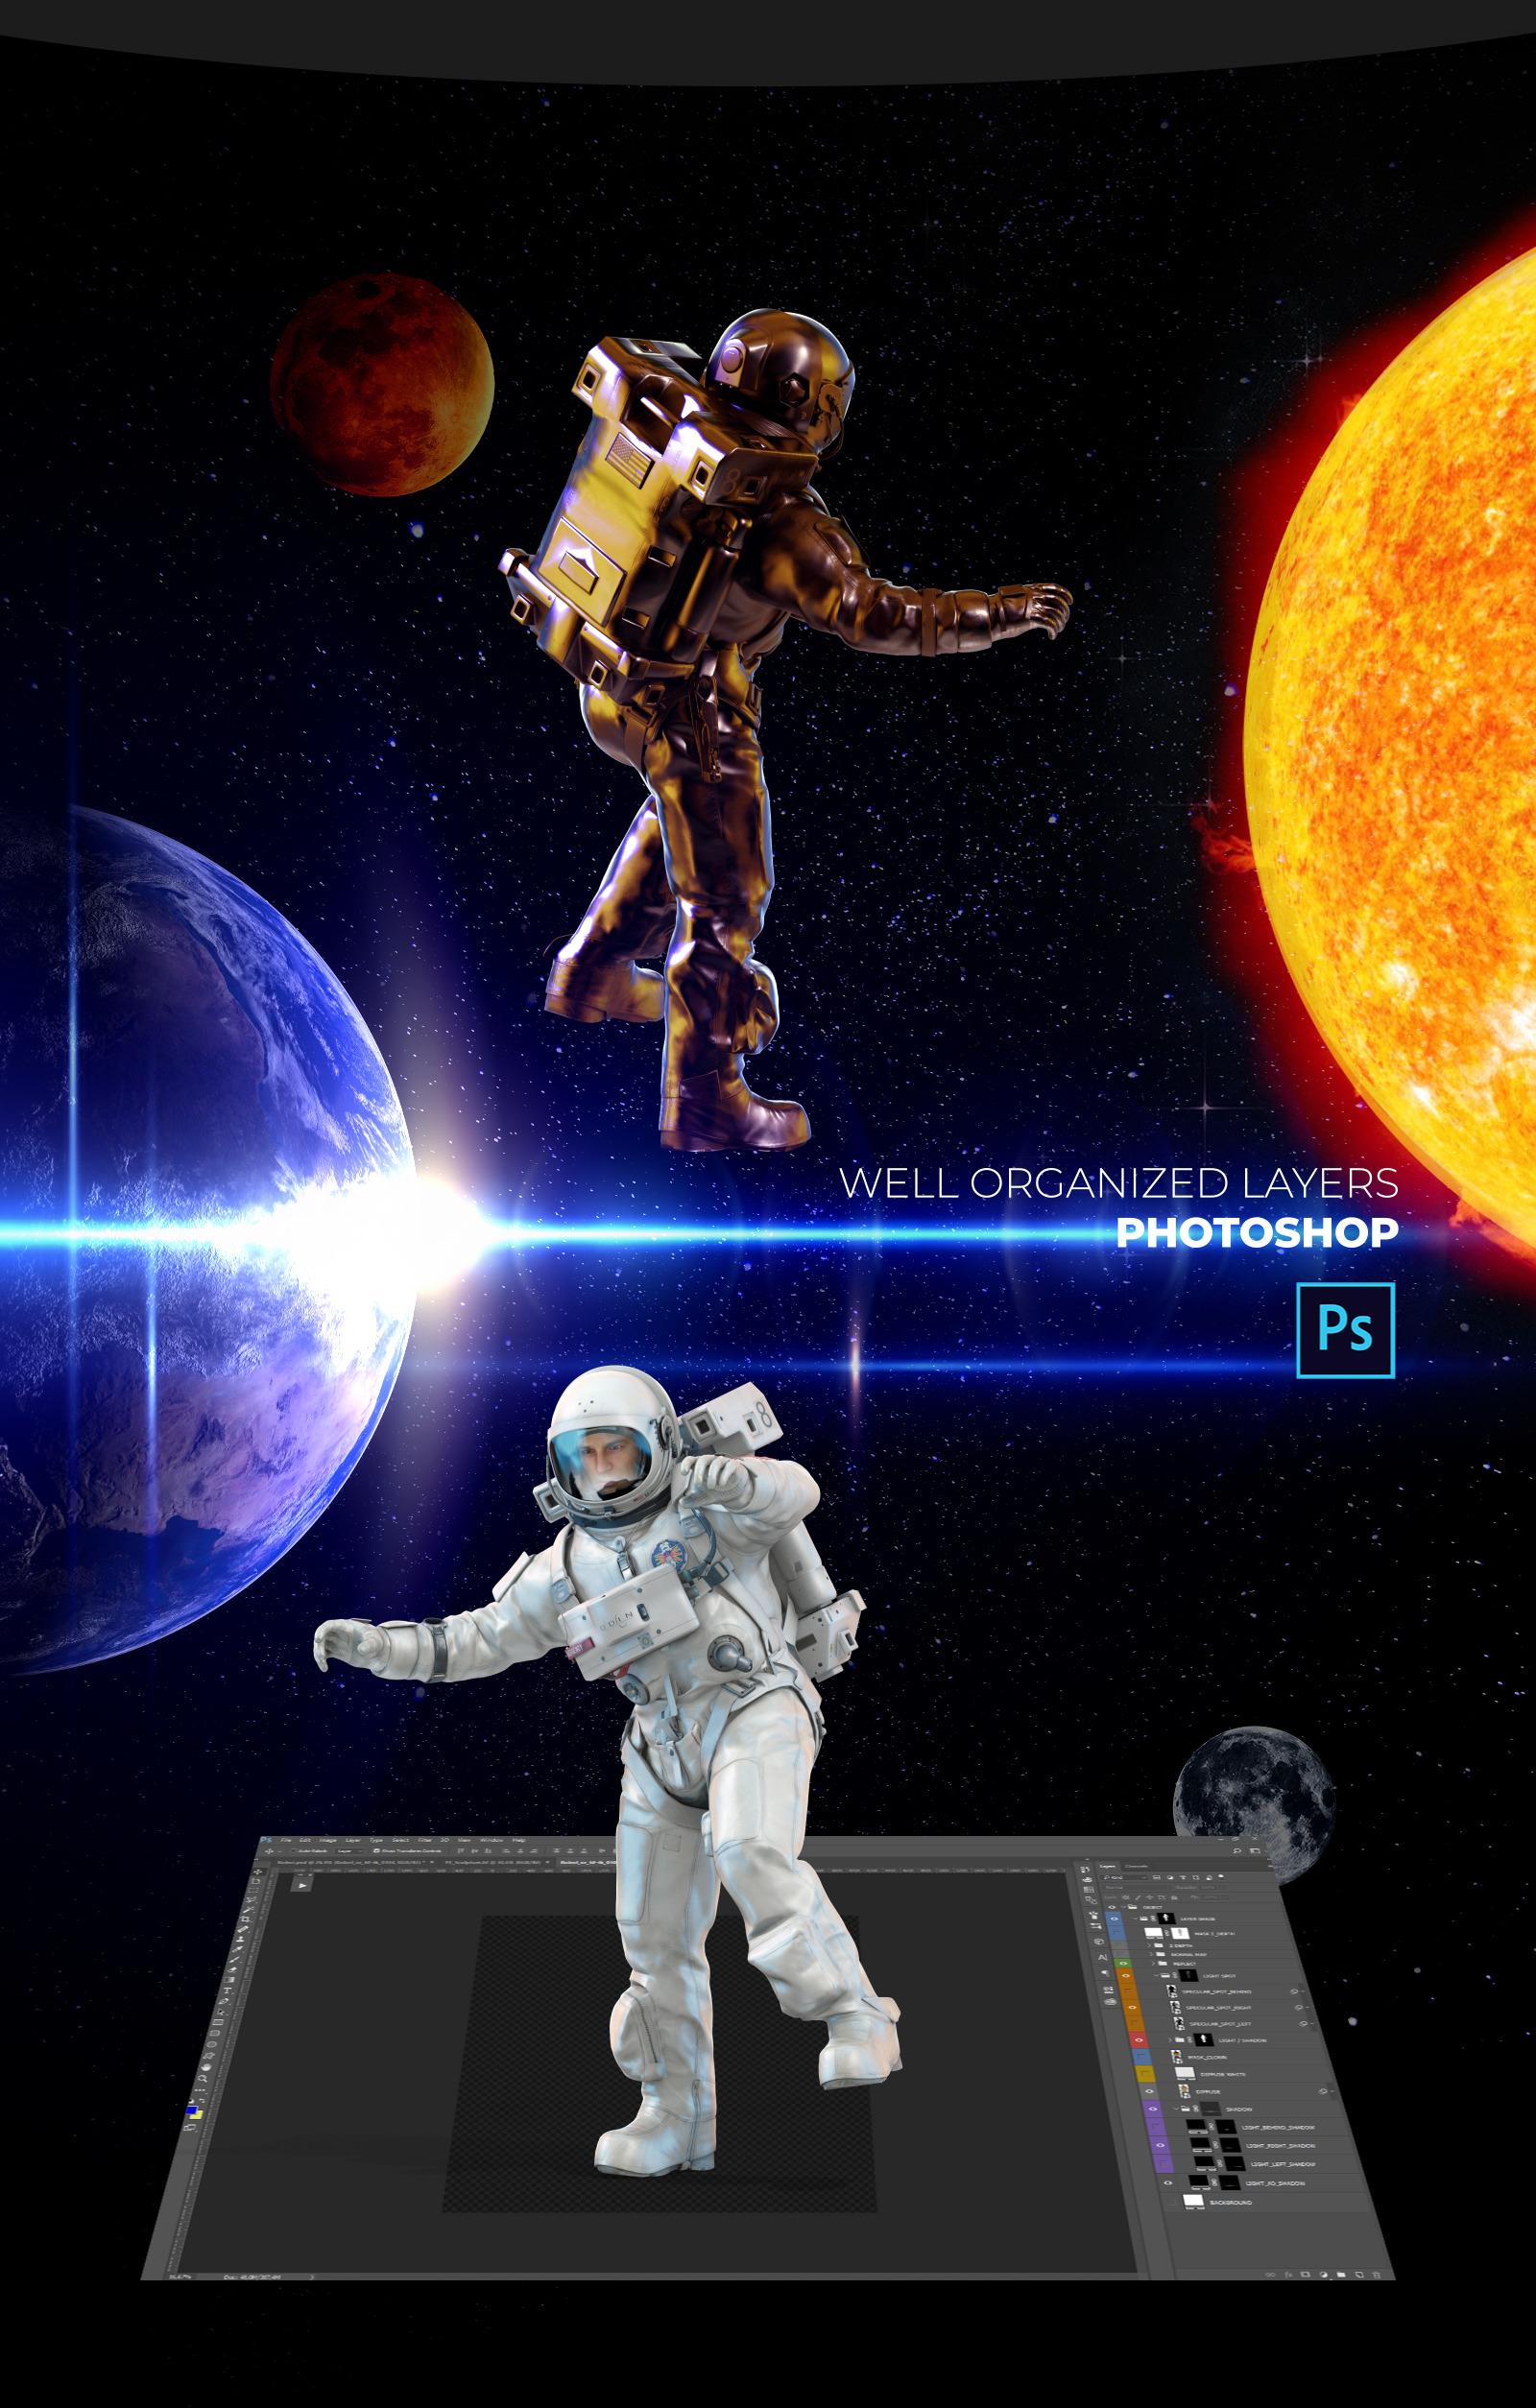 16款多角度太空宇航员3D模型平面设计PS素材源文件 3D Mockup Space Astronaut #11插图(3)